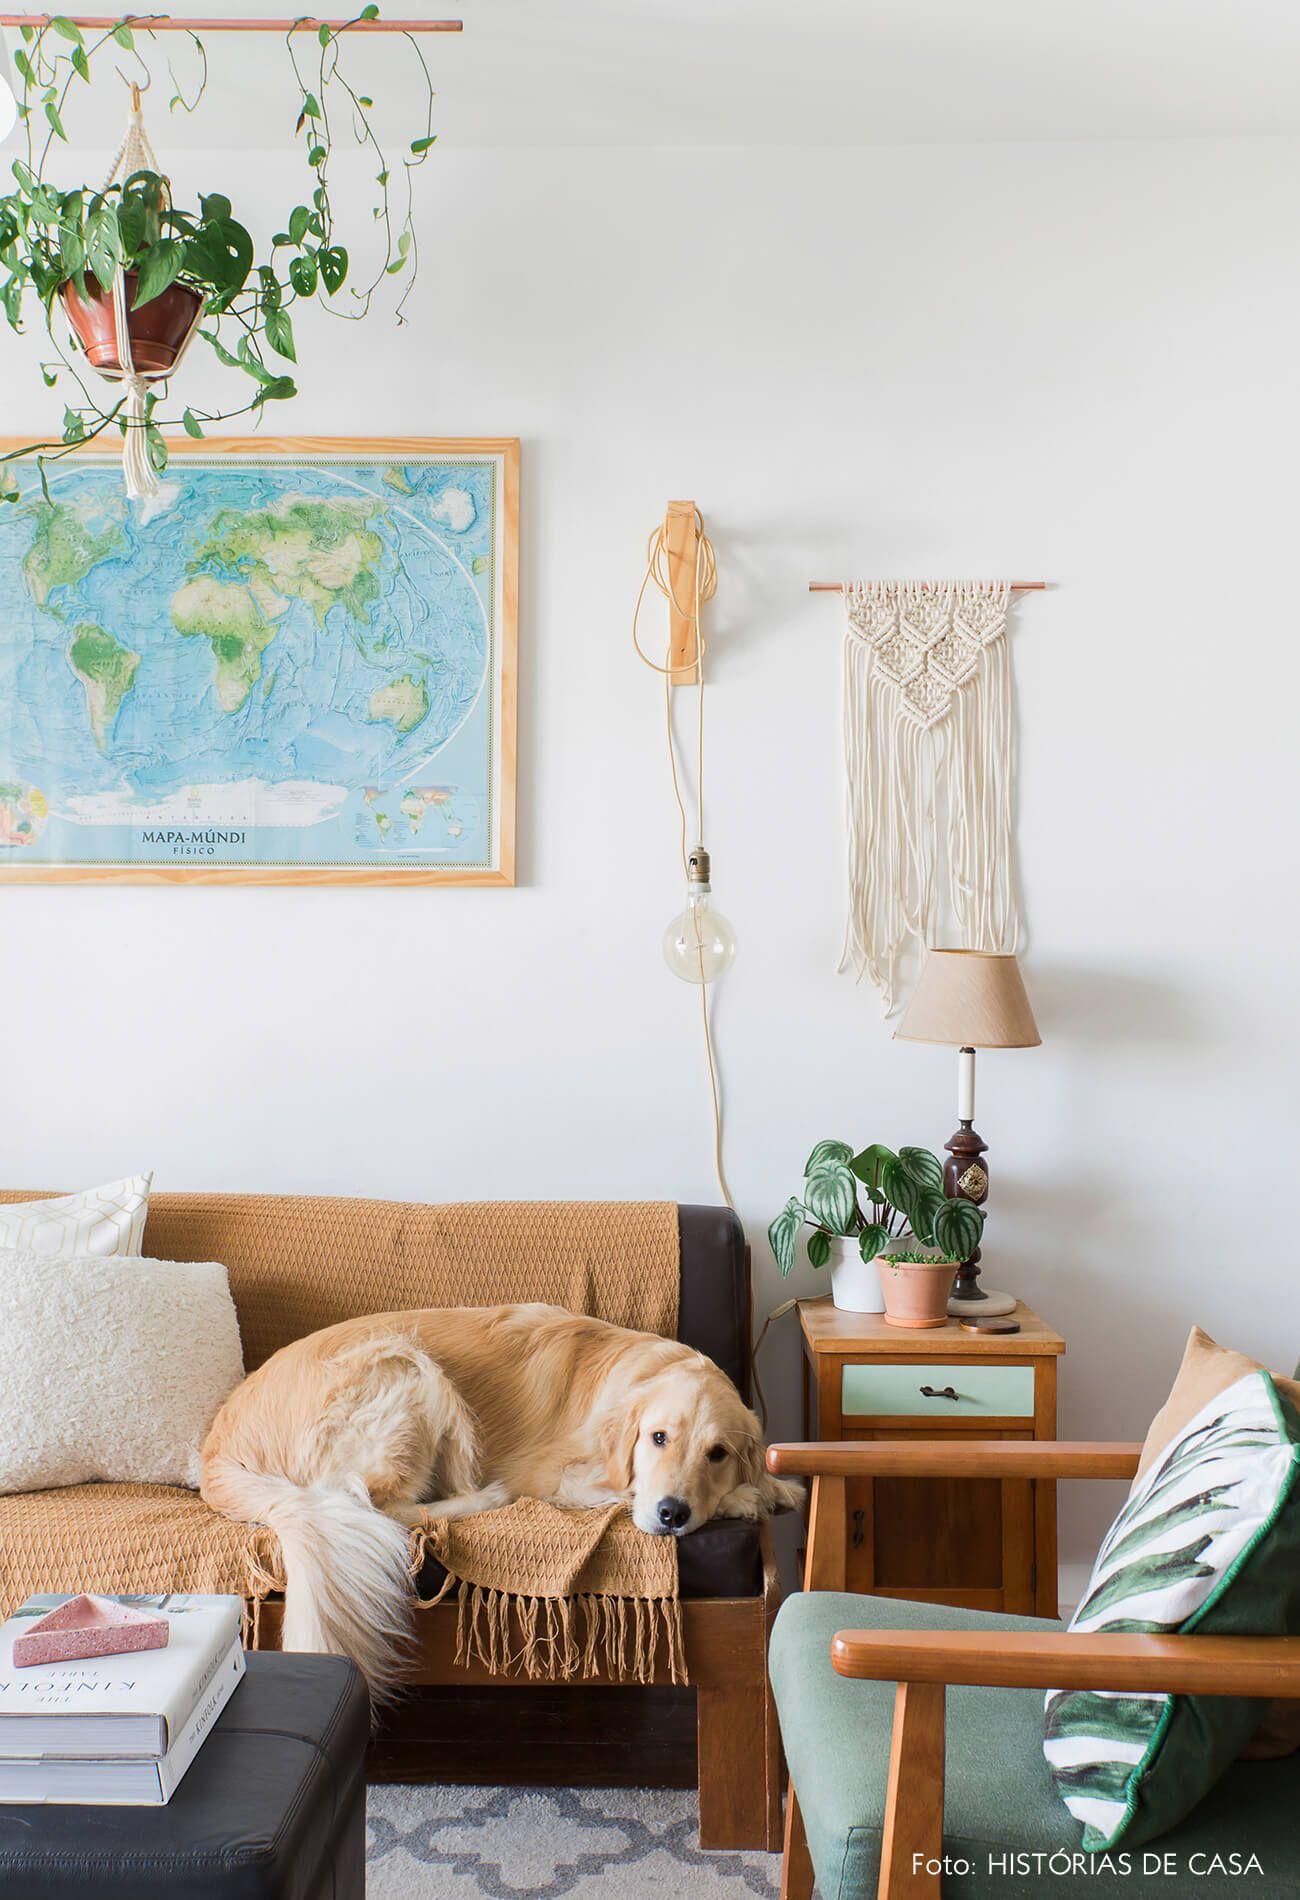 Apartamento Pequeno E Cheio De Plantas Com Imagens